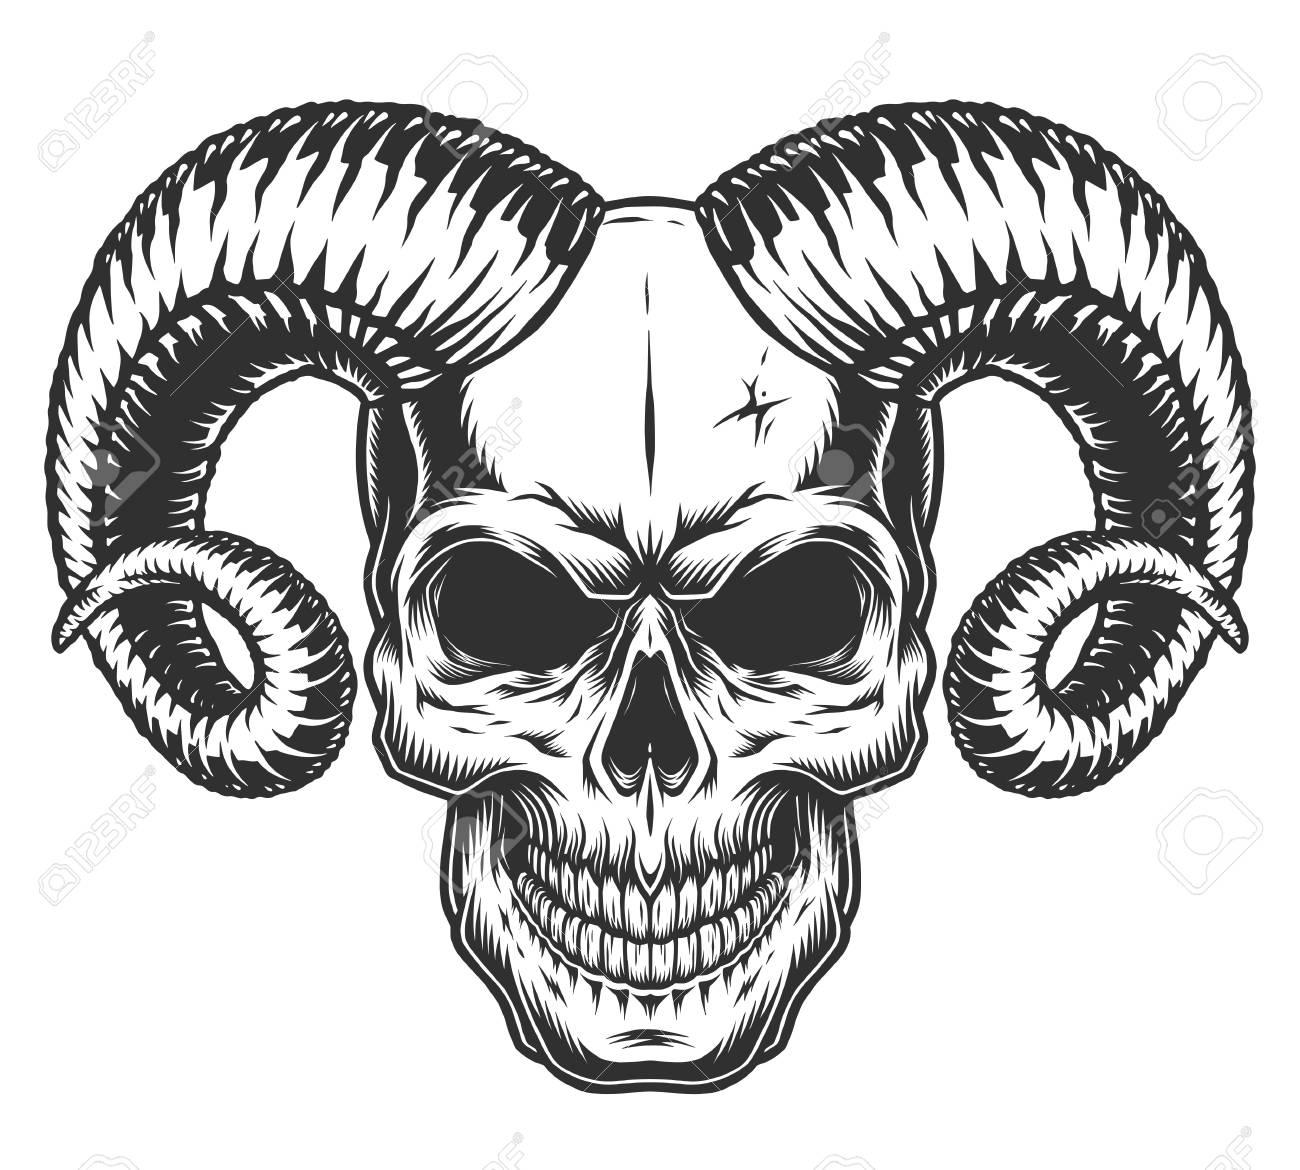 Skull with horns Vector illustration. - 97379389